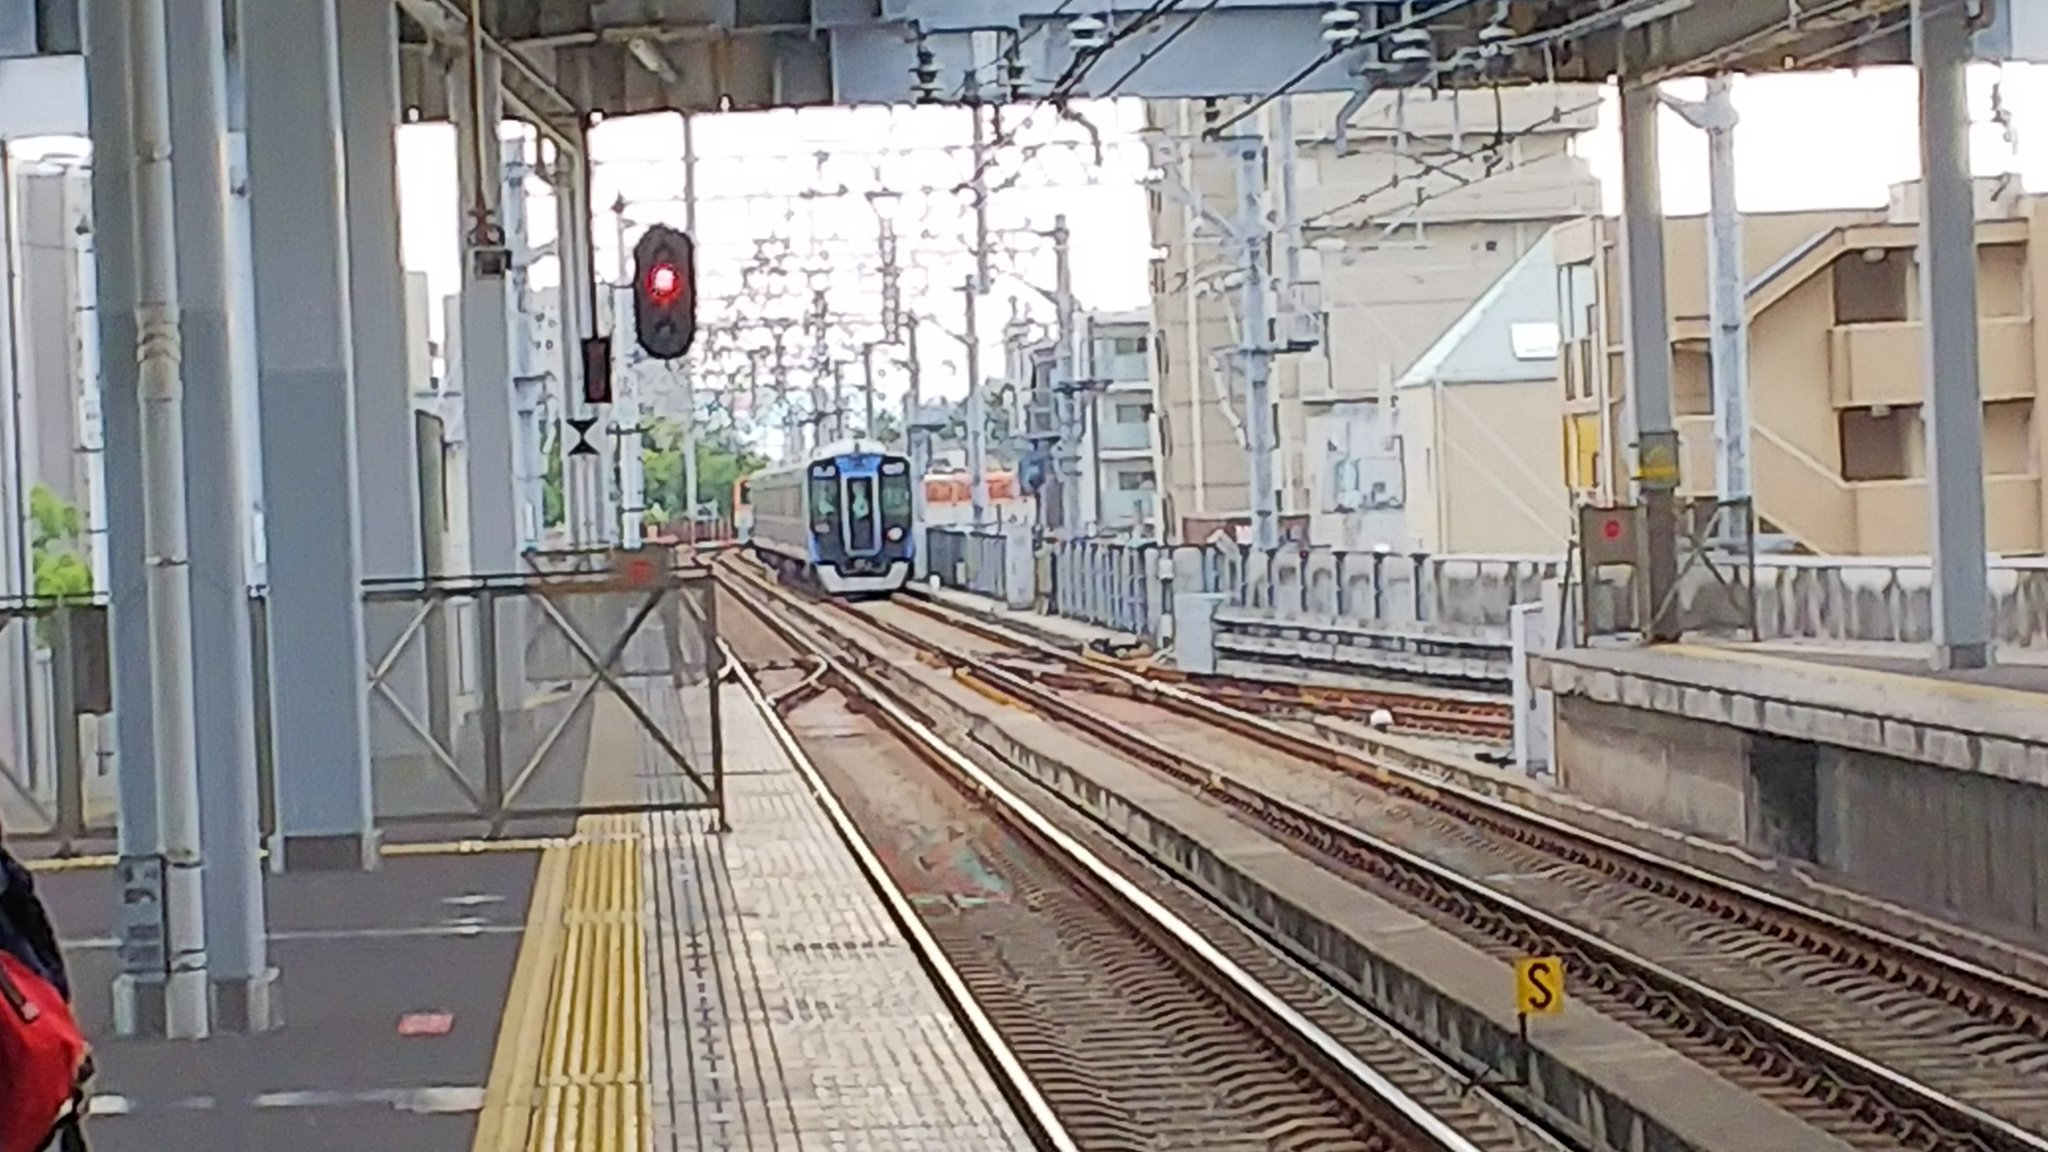 阪神本線の香櫨園駅~打出駅間で人身事故が発生した画像